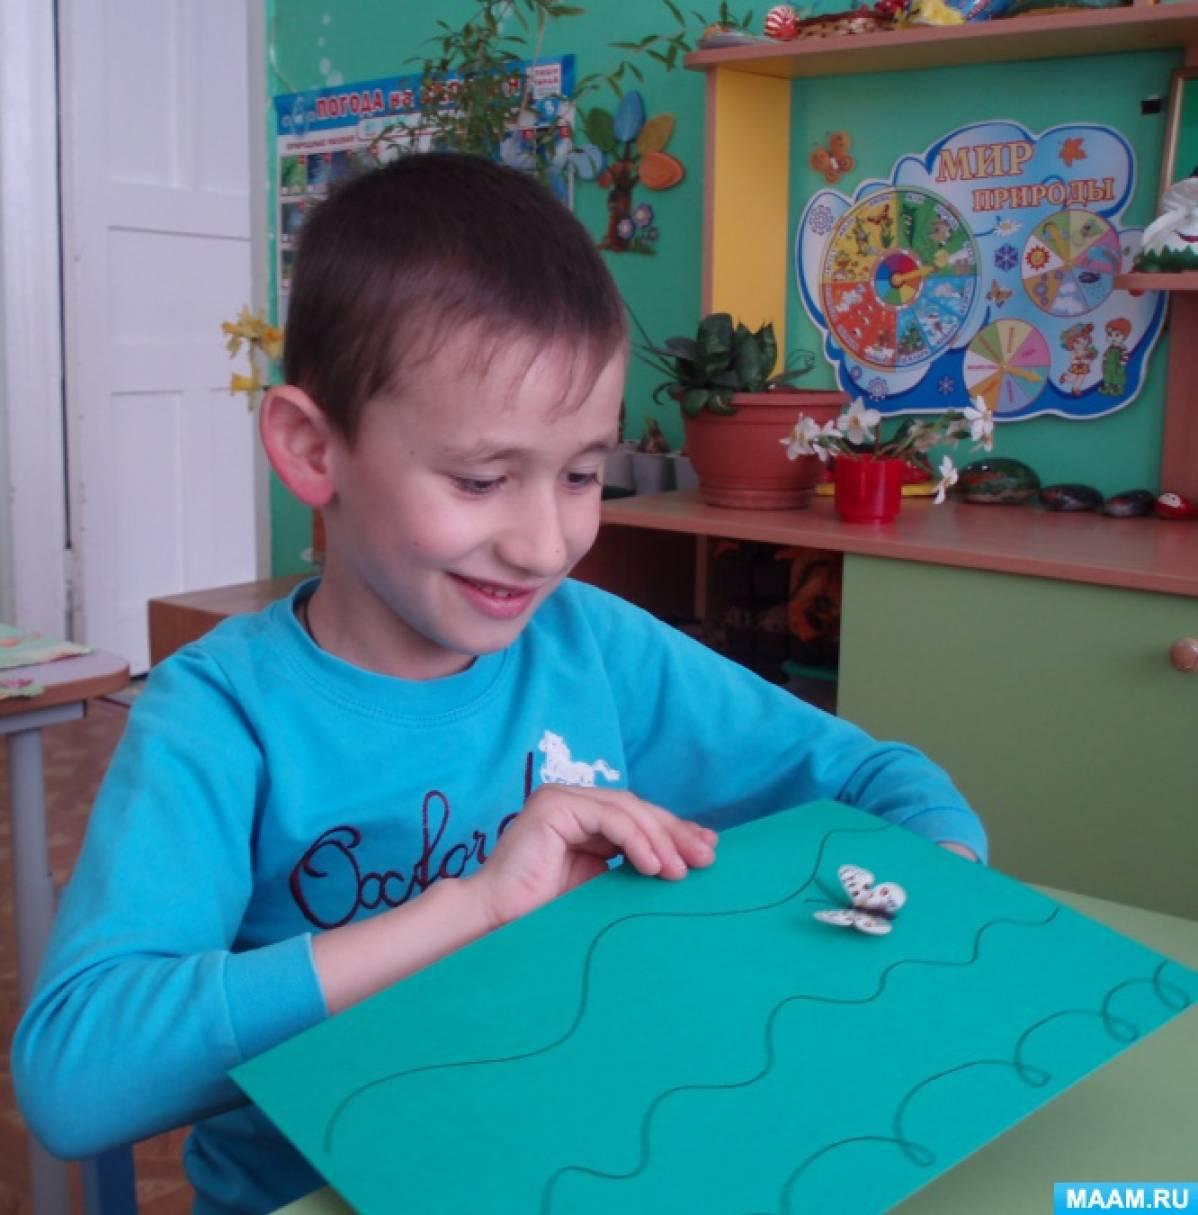 Фотоотчёт о проведении игры-опыта с магнитом «Бабочка летит» в подготовительной к школе группе